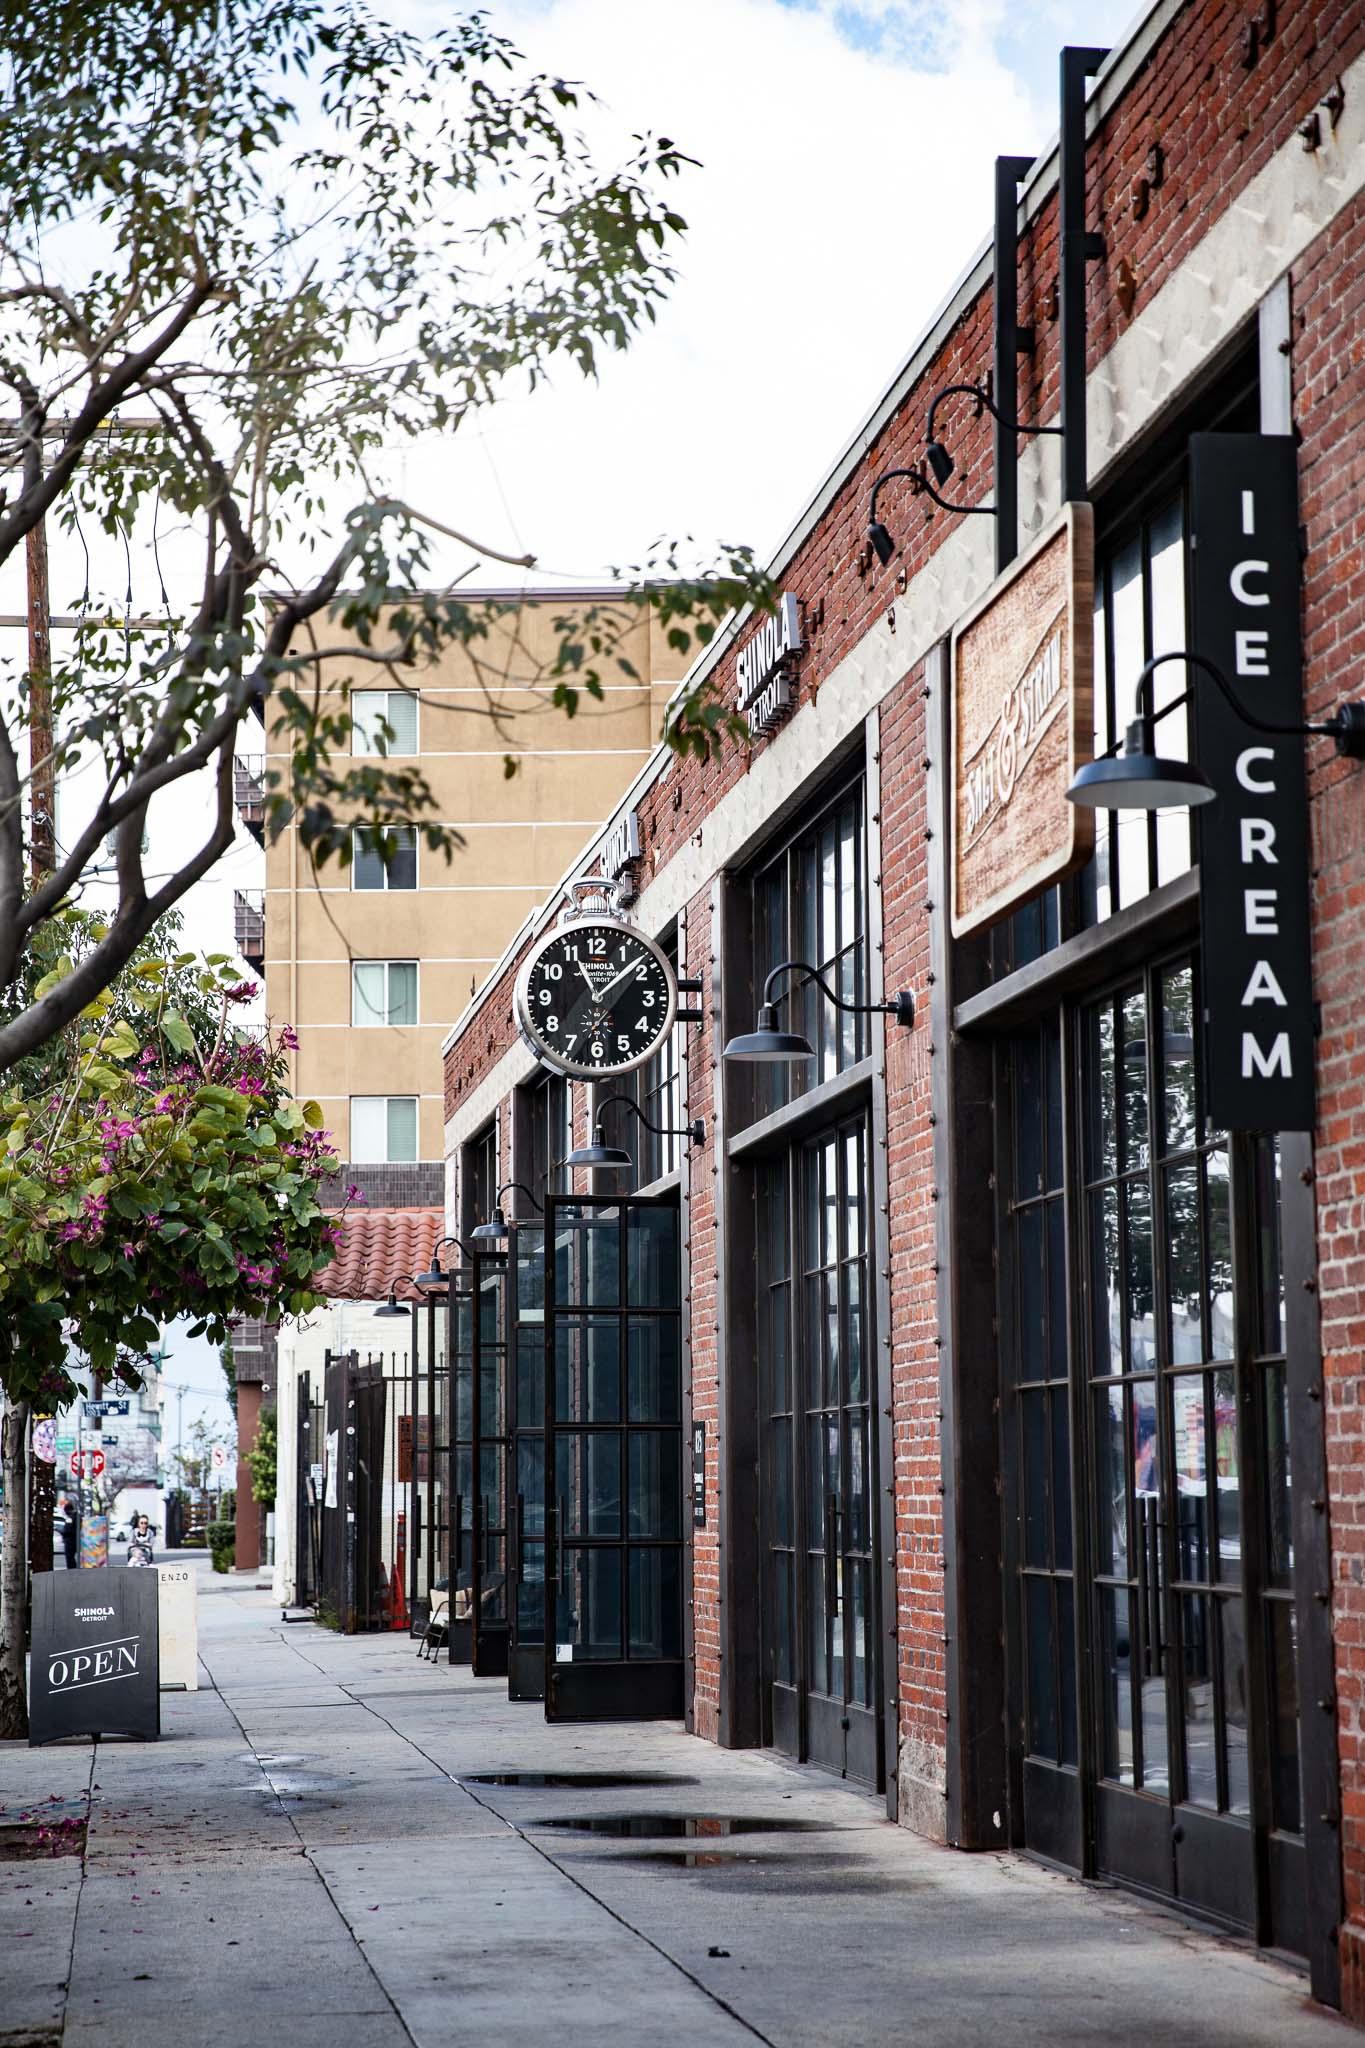 Visiter Los Angeles autrement, à pieds, se promener et découvrir les jolies rues de Downtown